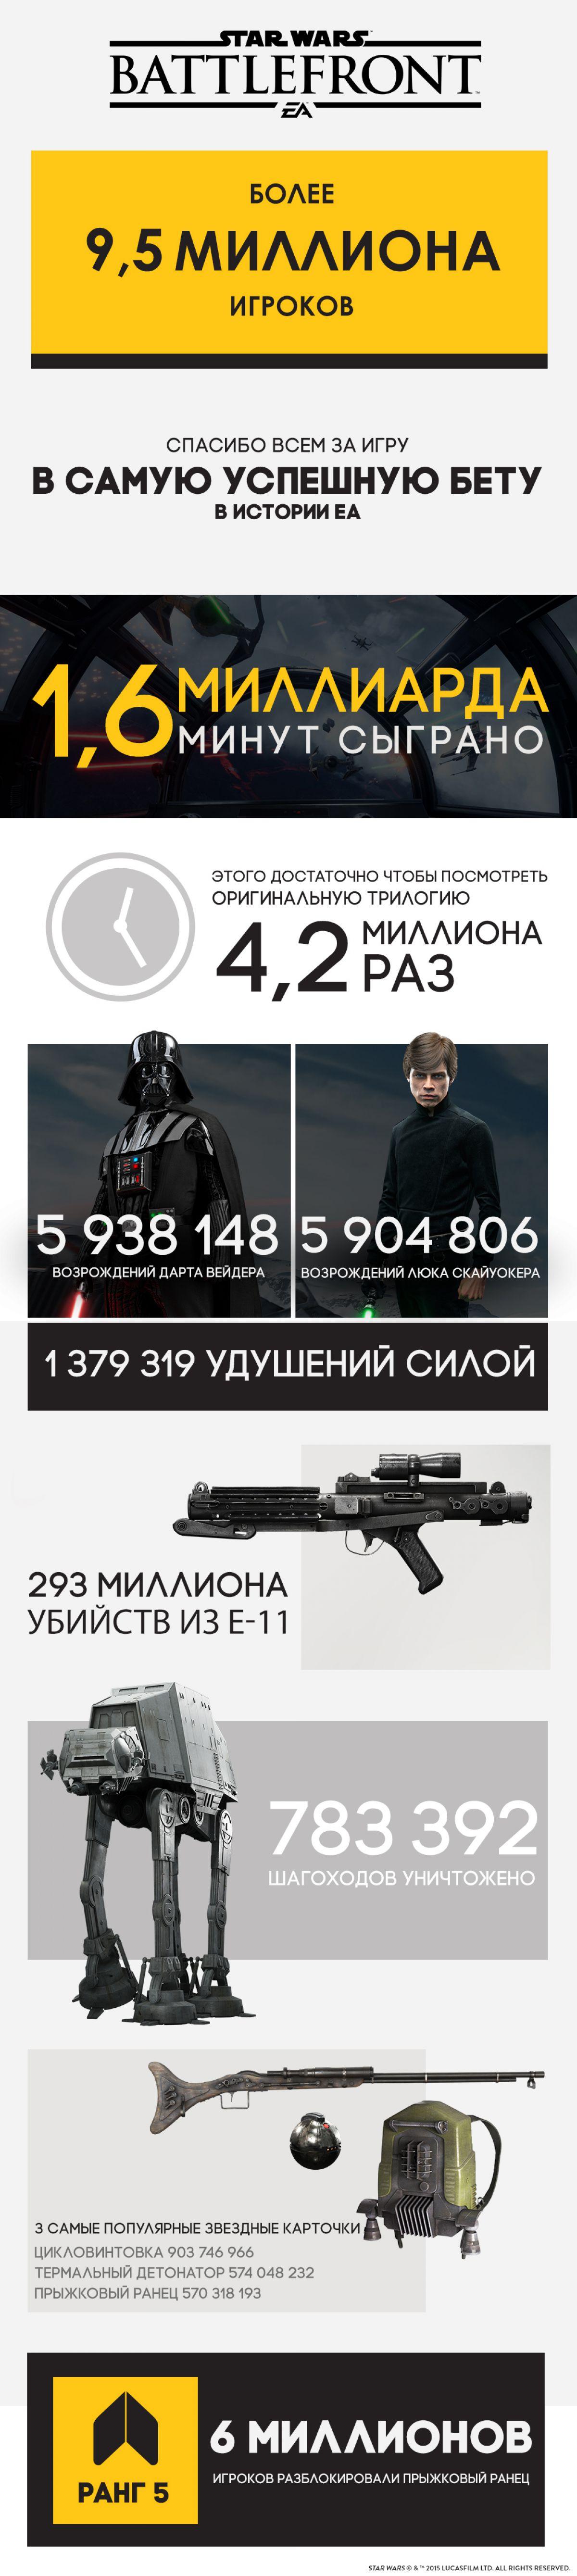 Трейлер к выходу Star Wars: Battlefront и впечатляющая инфографика с ЗБТ